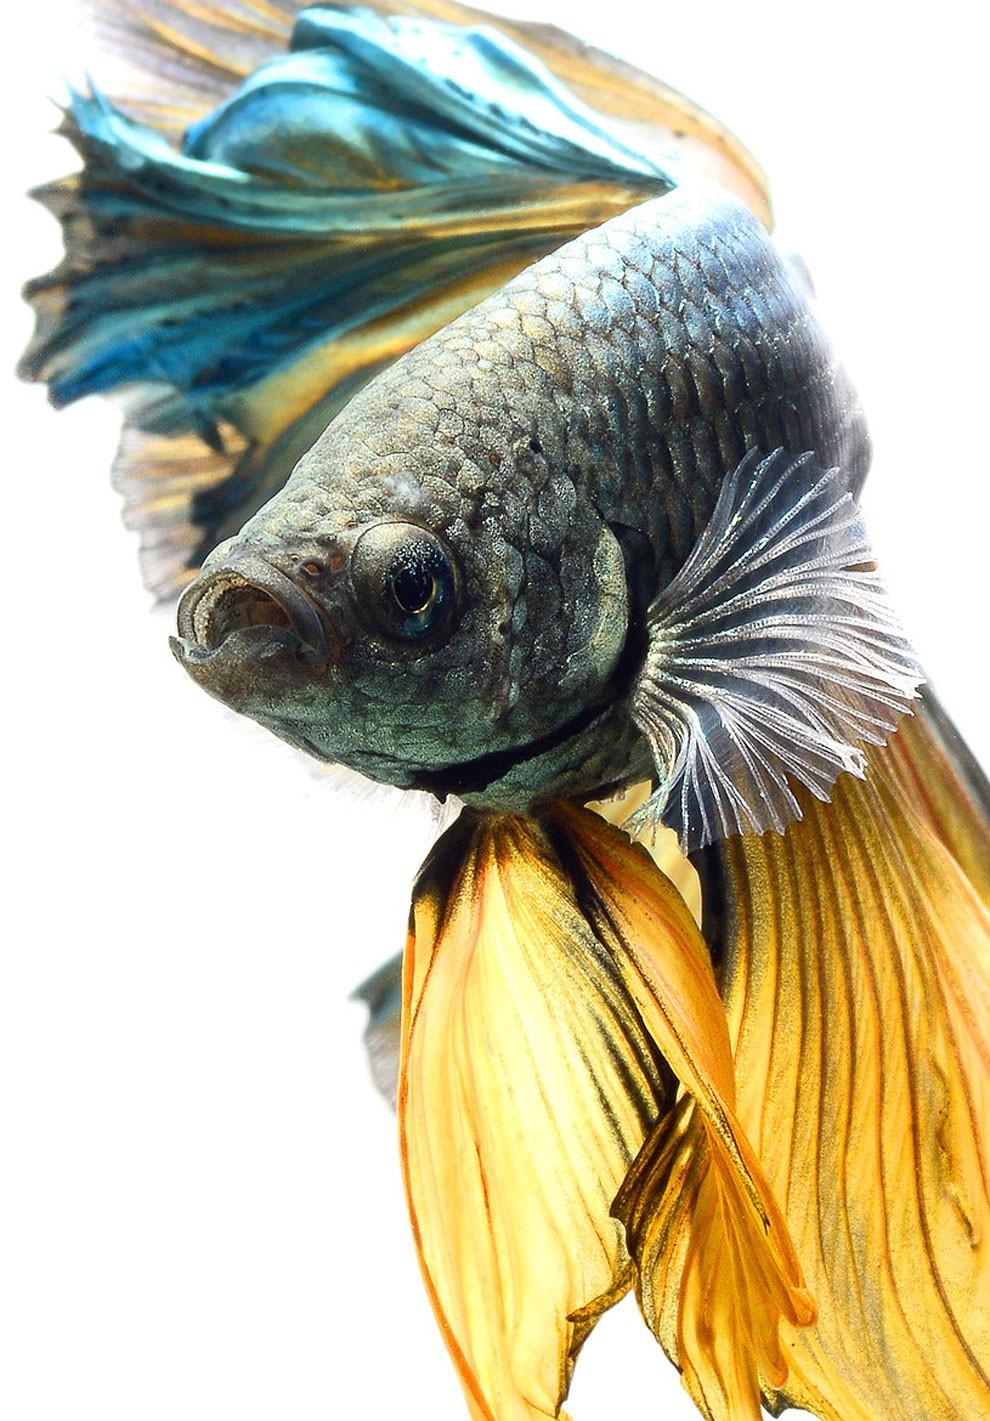 бойцовый петушок, сиамская рыбка. Фото № 5